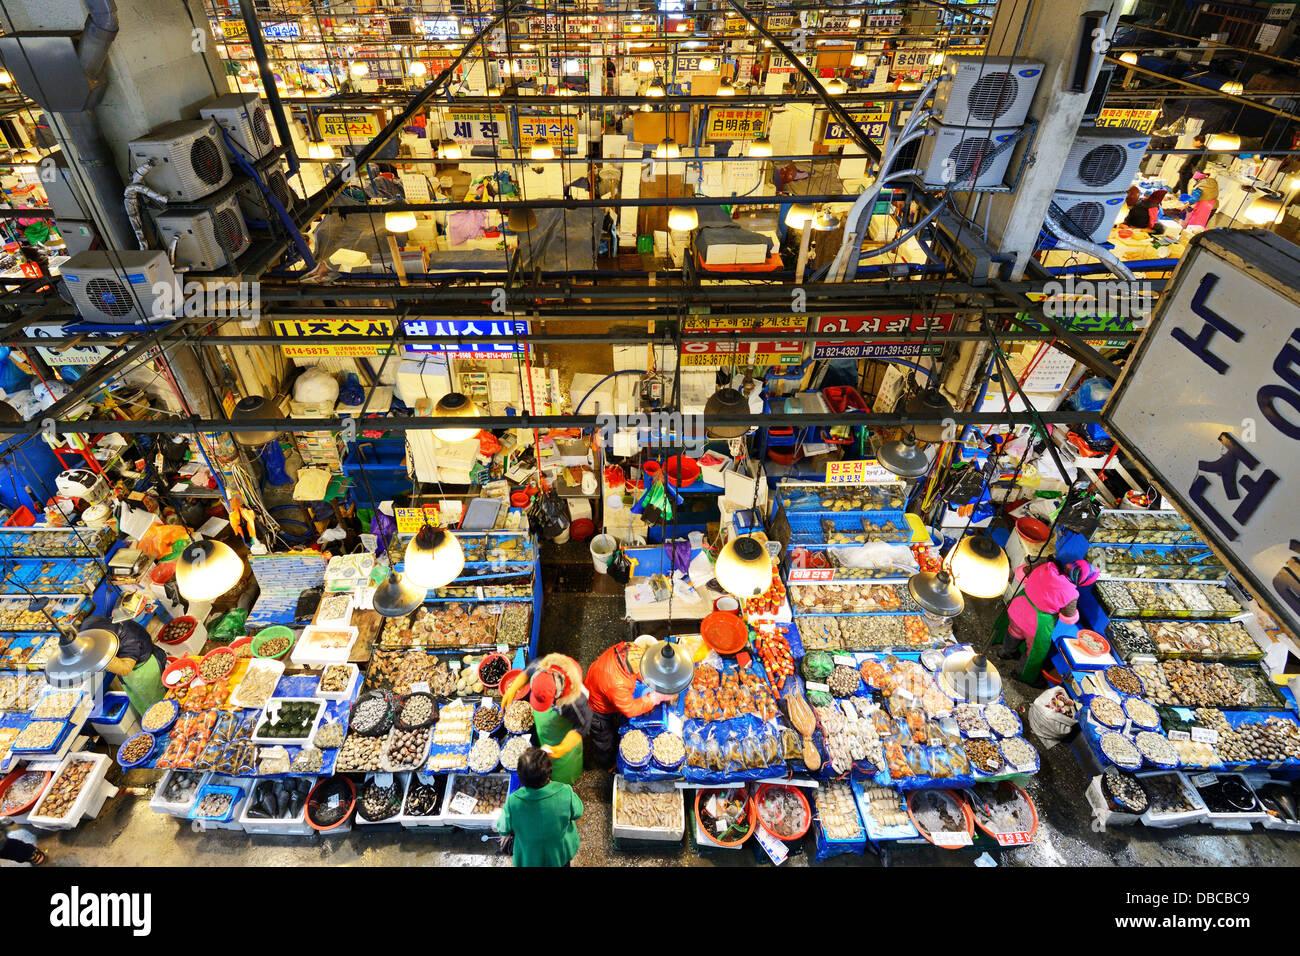 Le marché aux poissons de Noryangjin à Séoul, Corée du Sud. Photo Stock